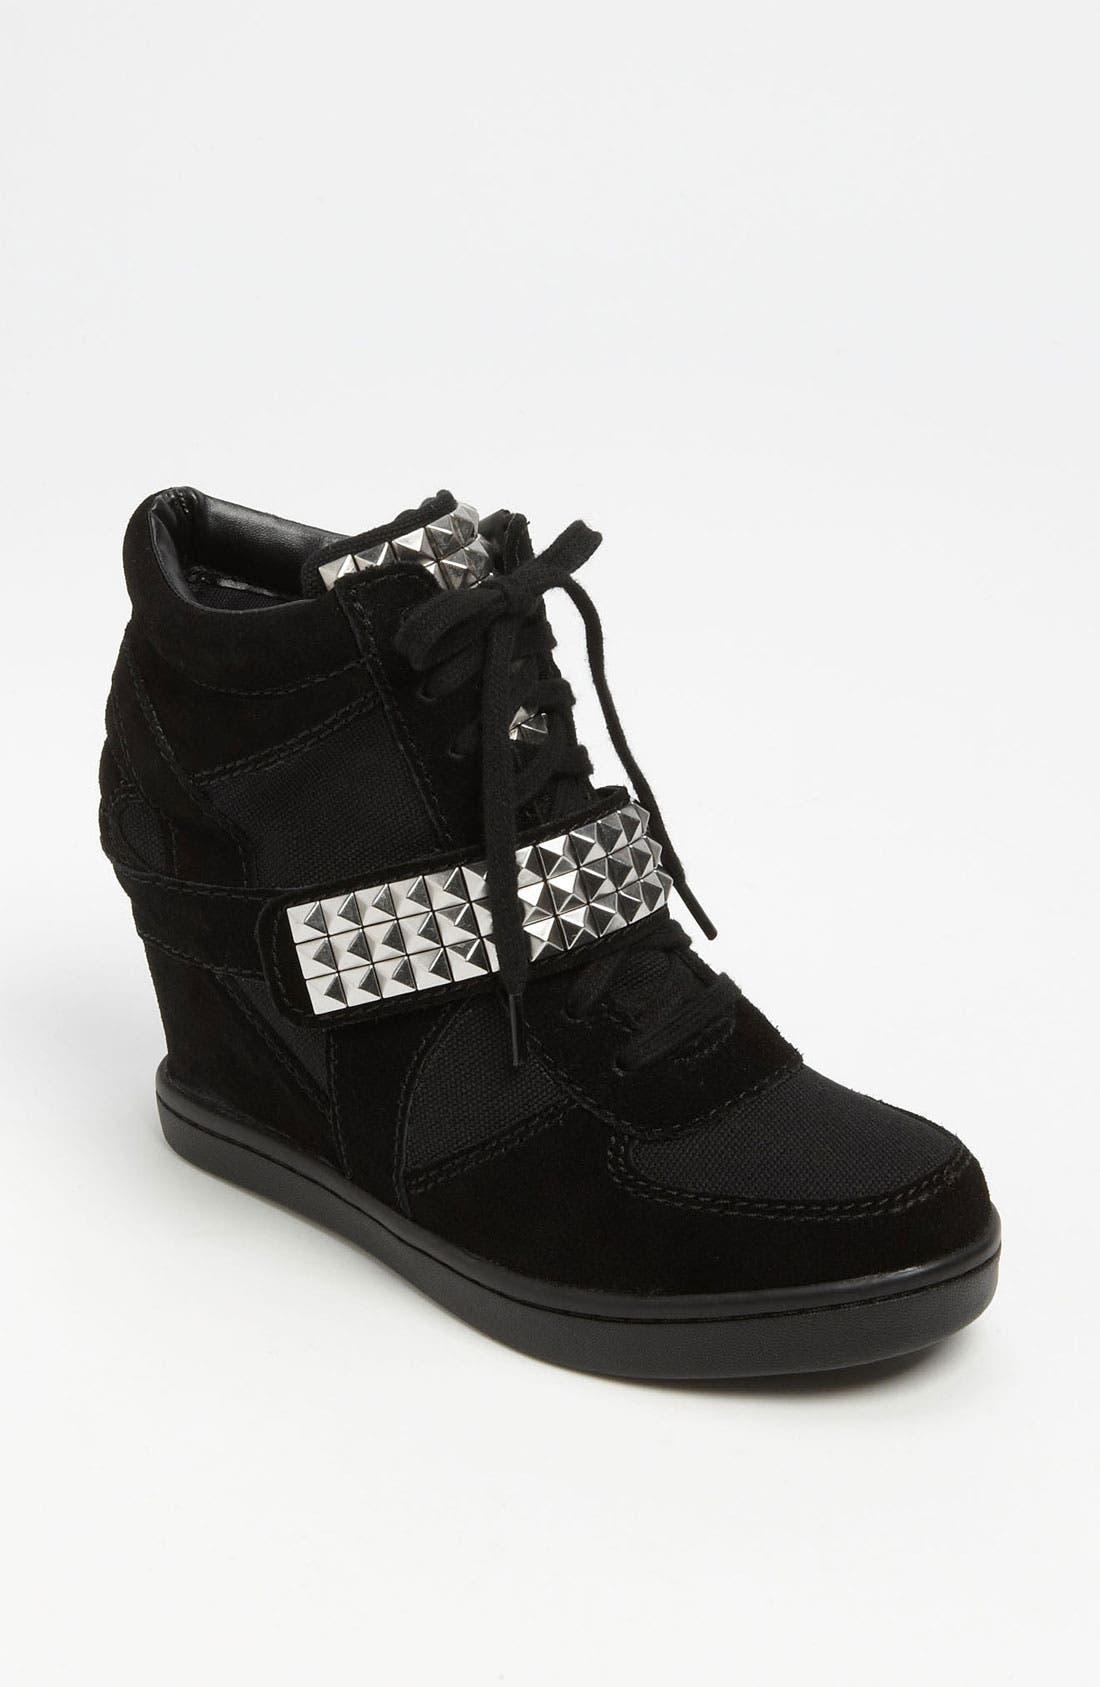 Alternate Image 1 Selected - Steve Madden 'Hamlit' Wedge Sneaker